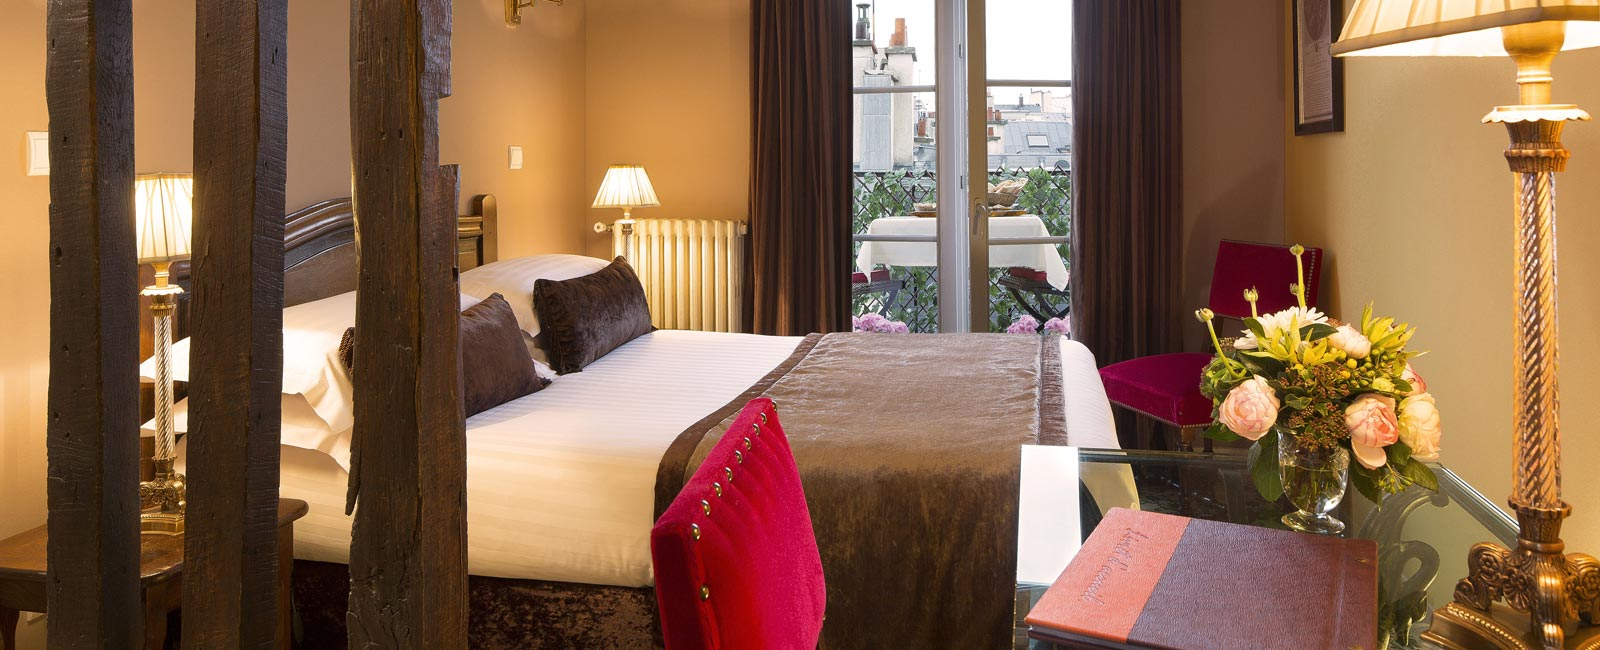 Hôtel des 2 Continents : Nos Chambres confortables et ...